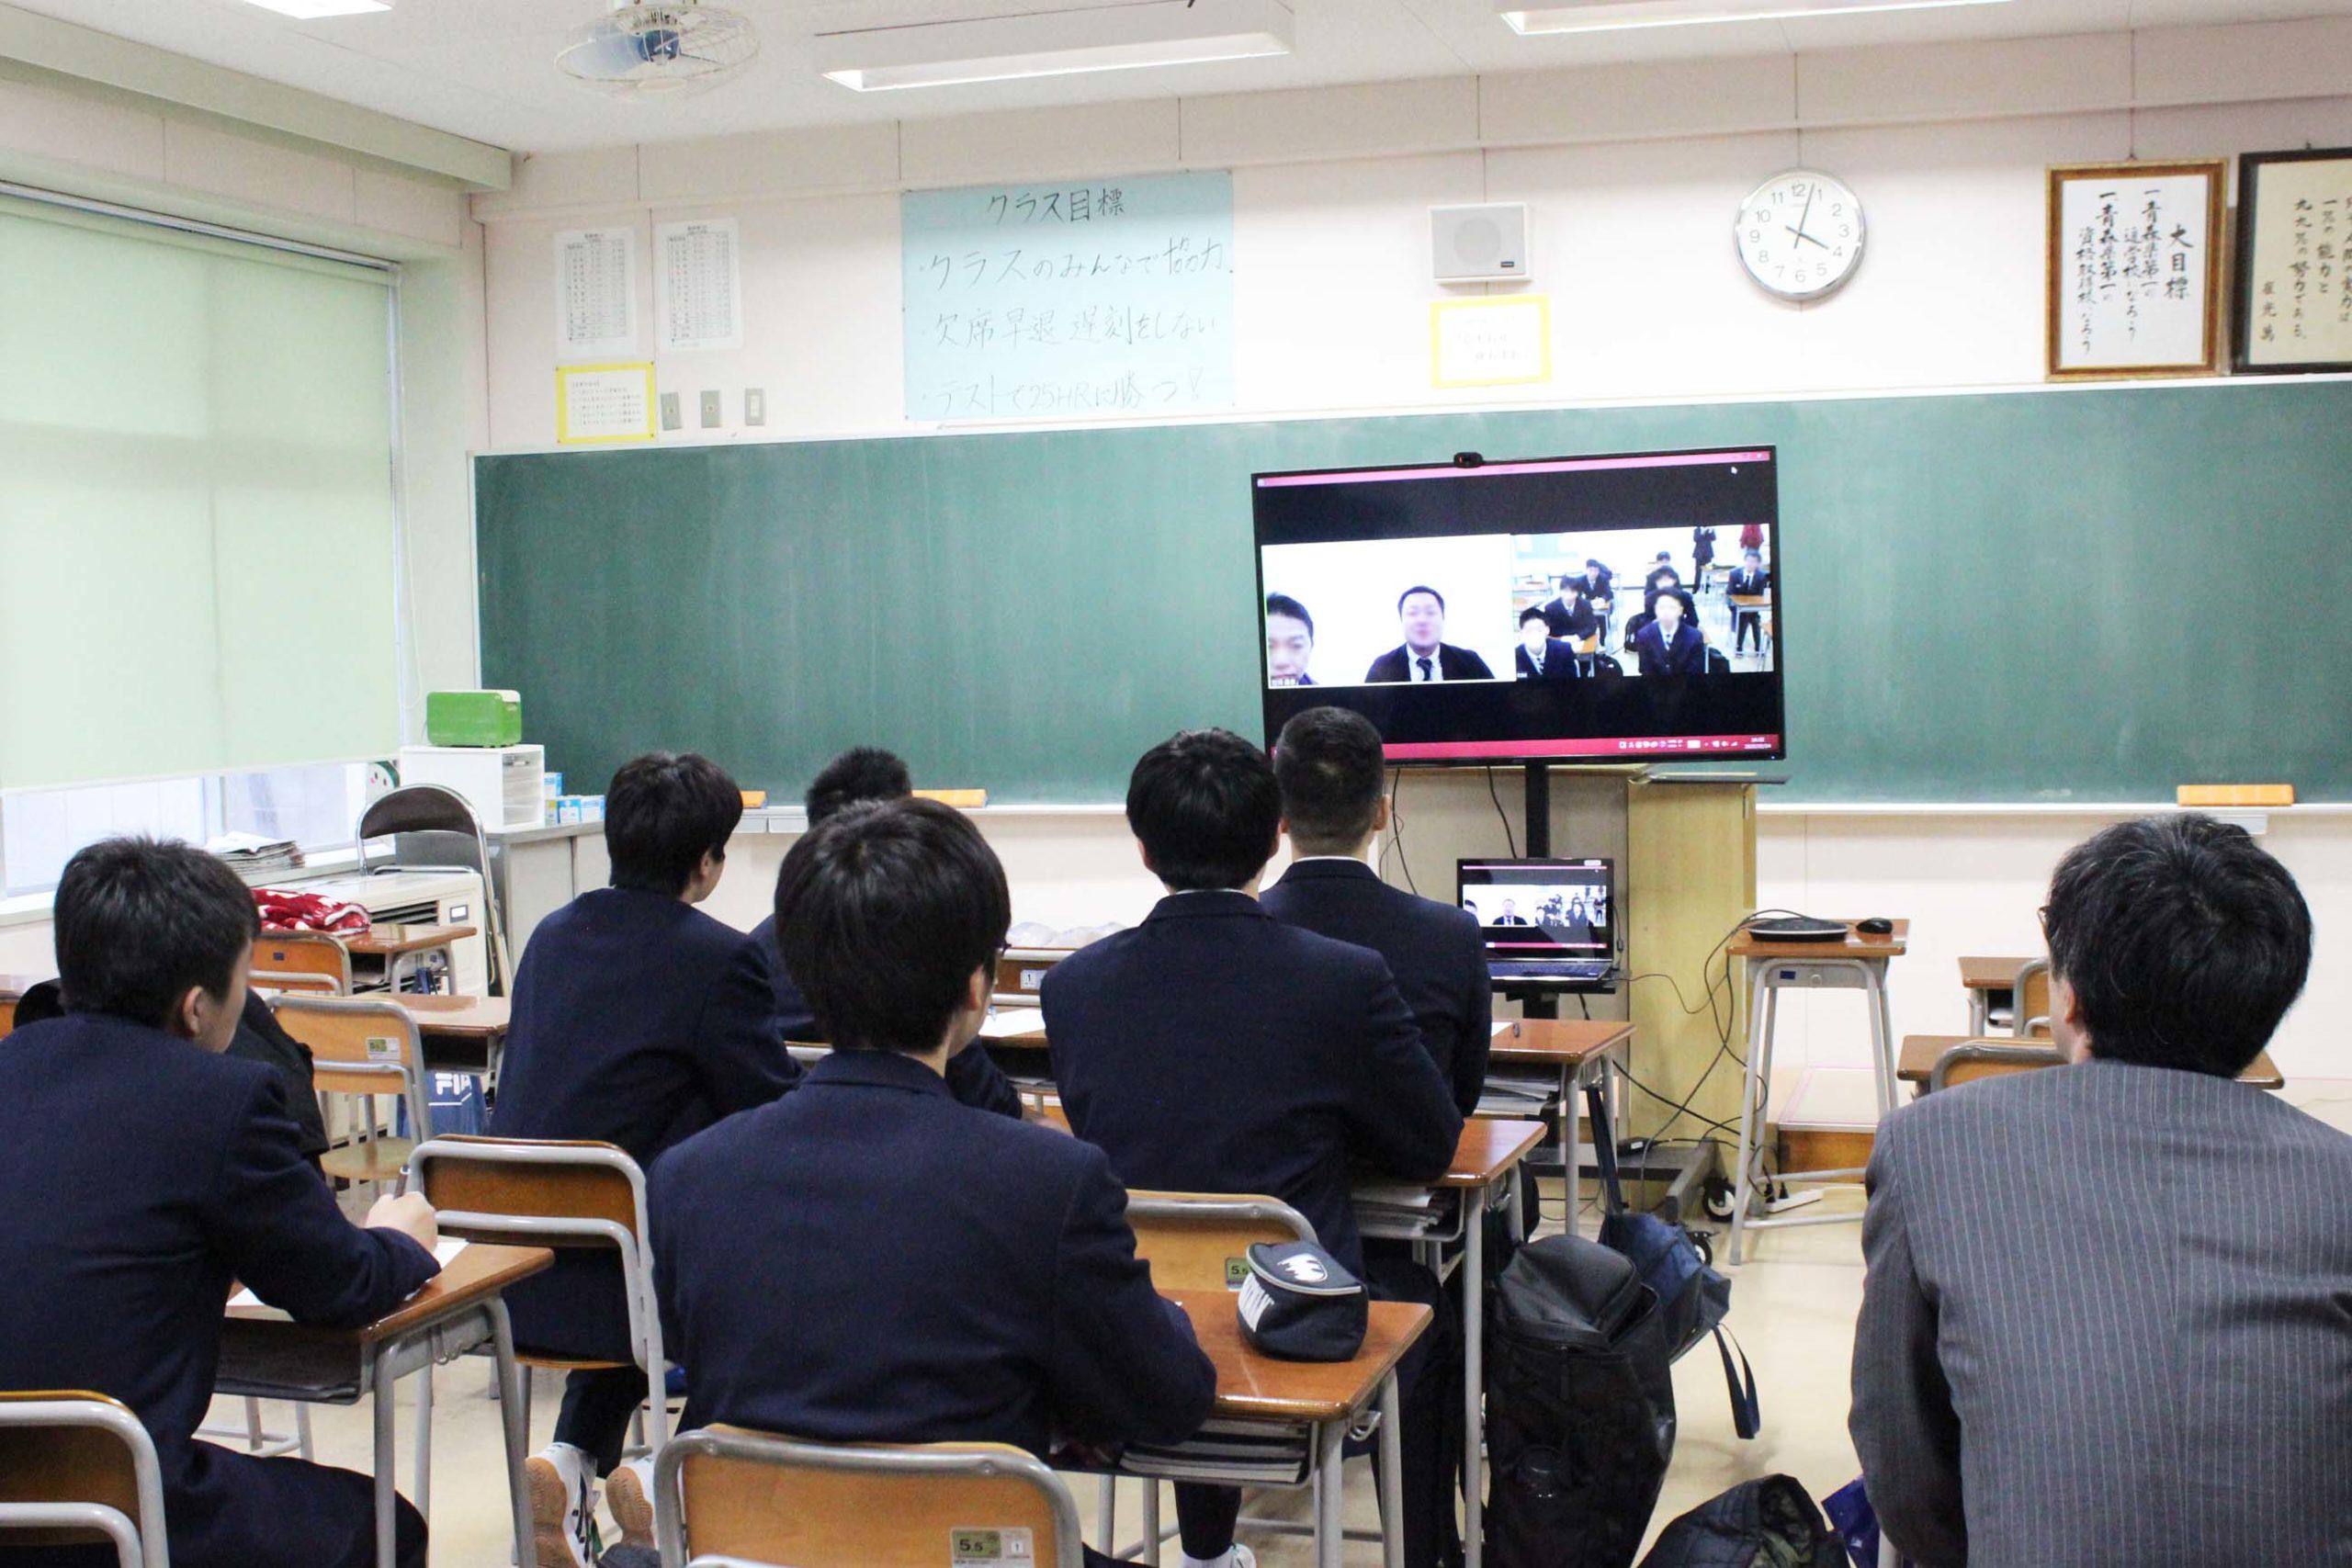 中央学院大学×五所川原第一高等学校ネットガイダンス